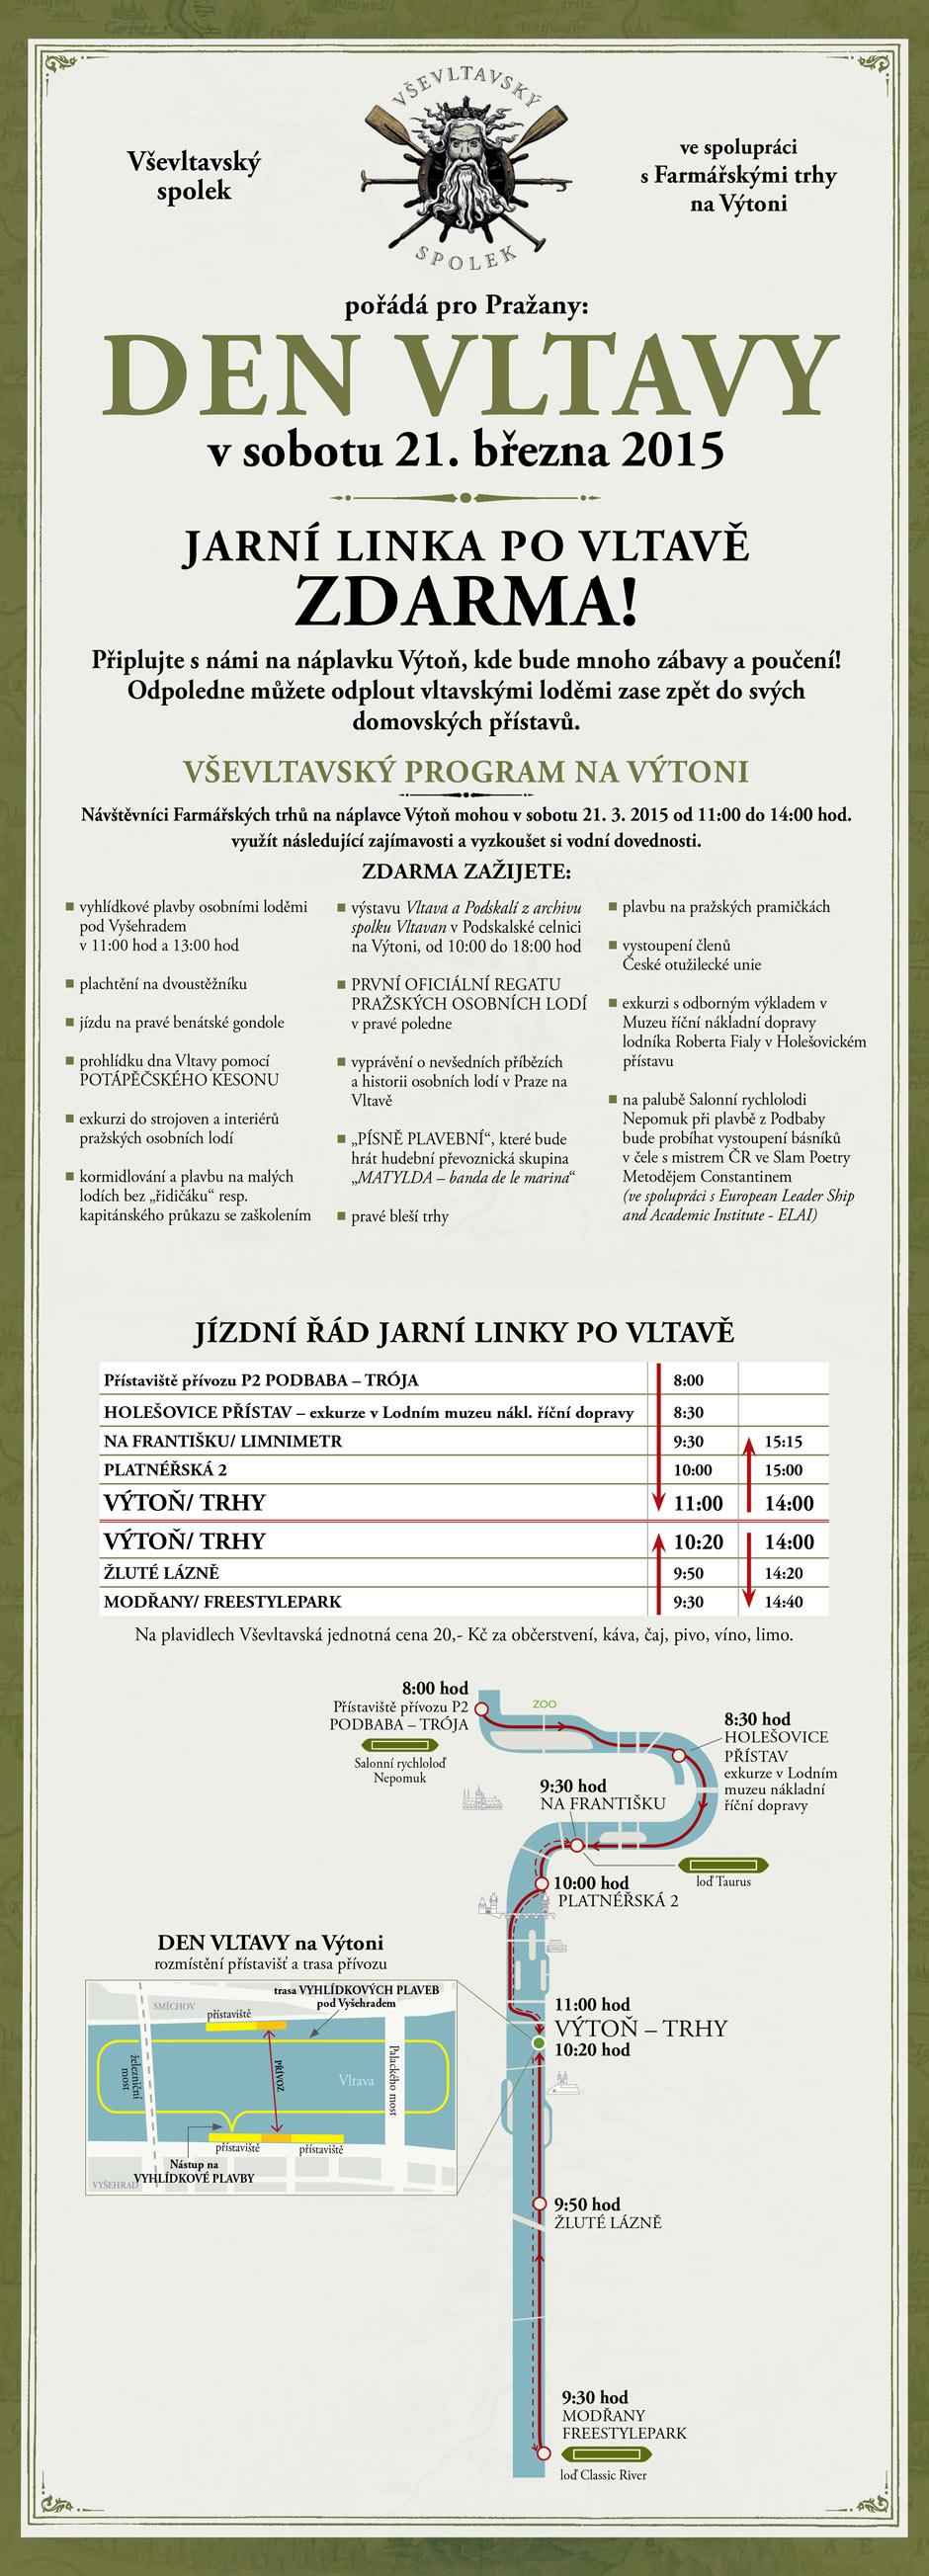 Den Vltavy Program a mapa